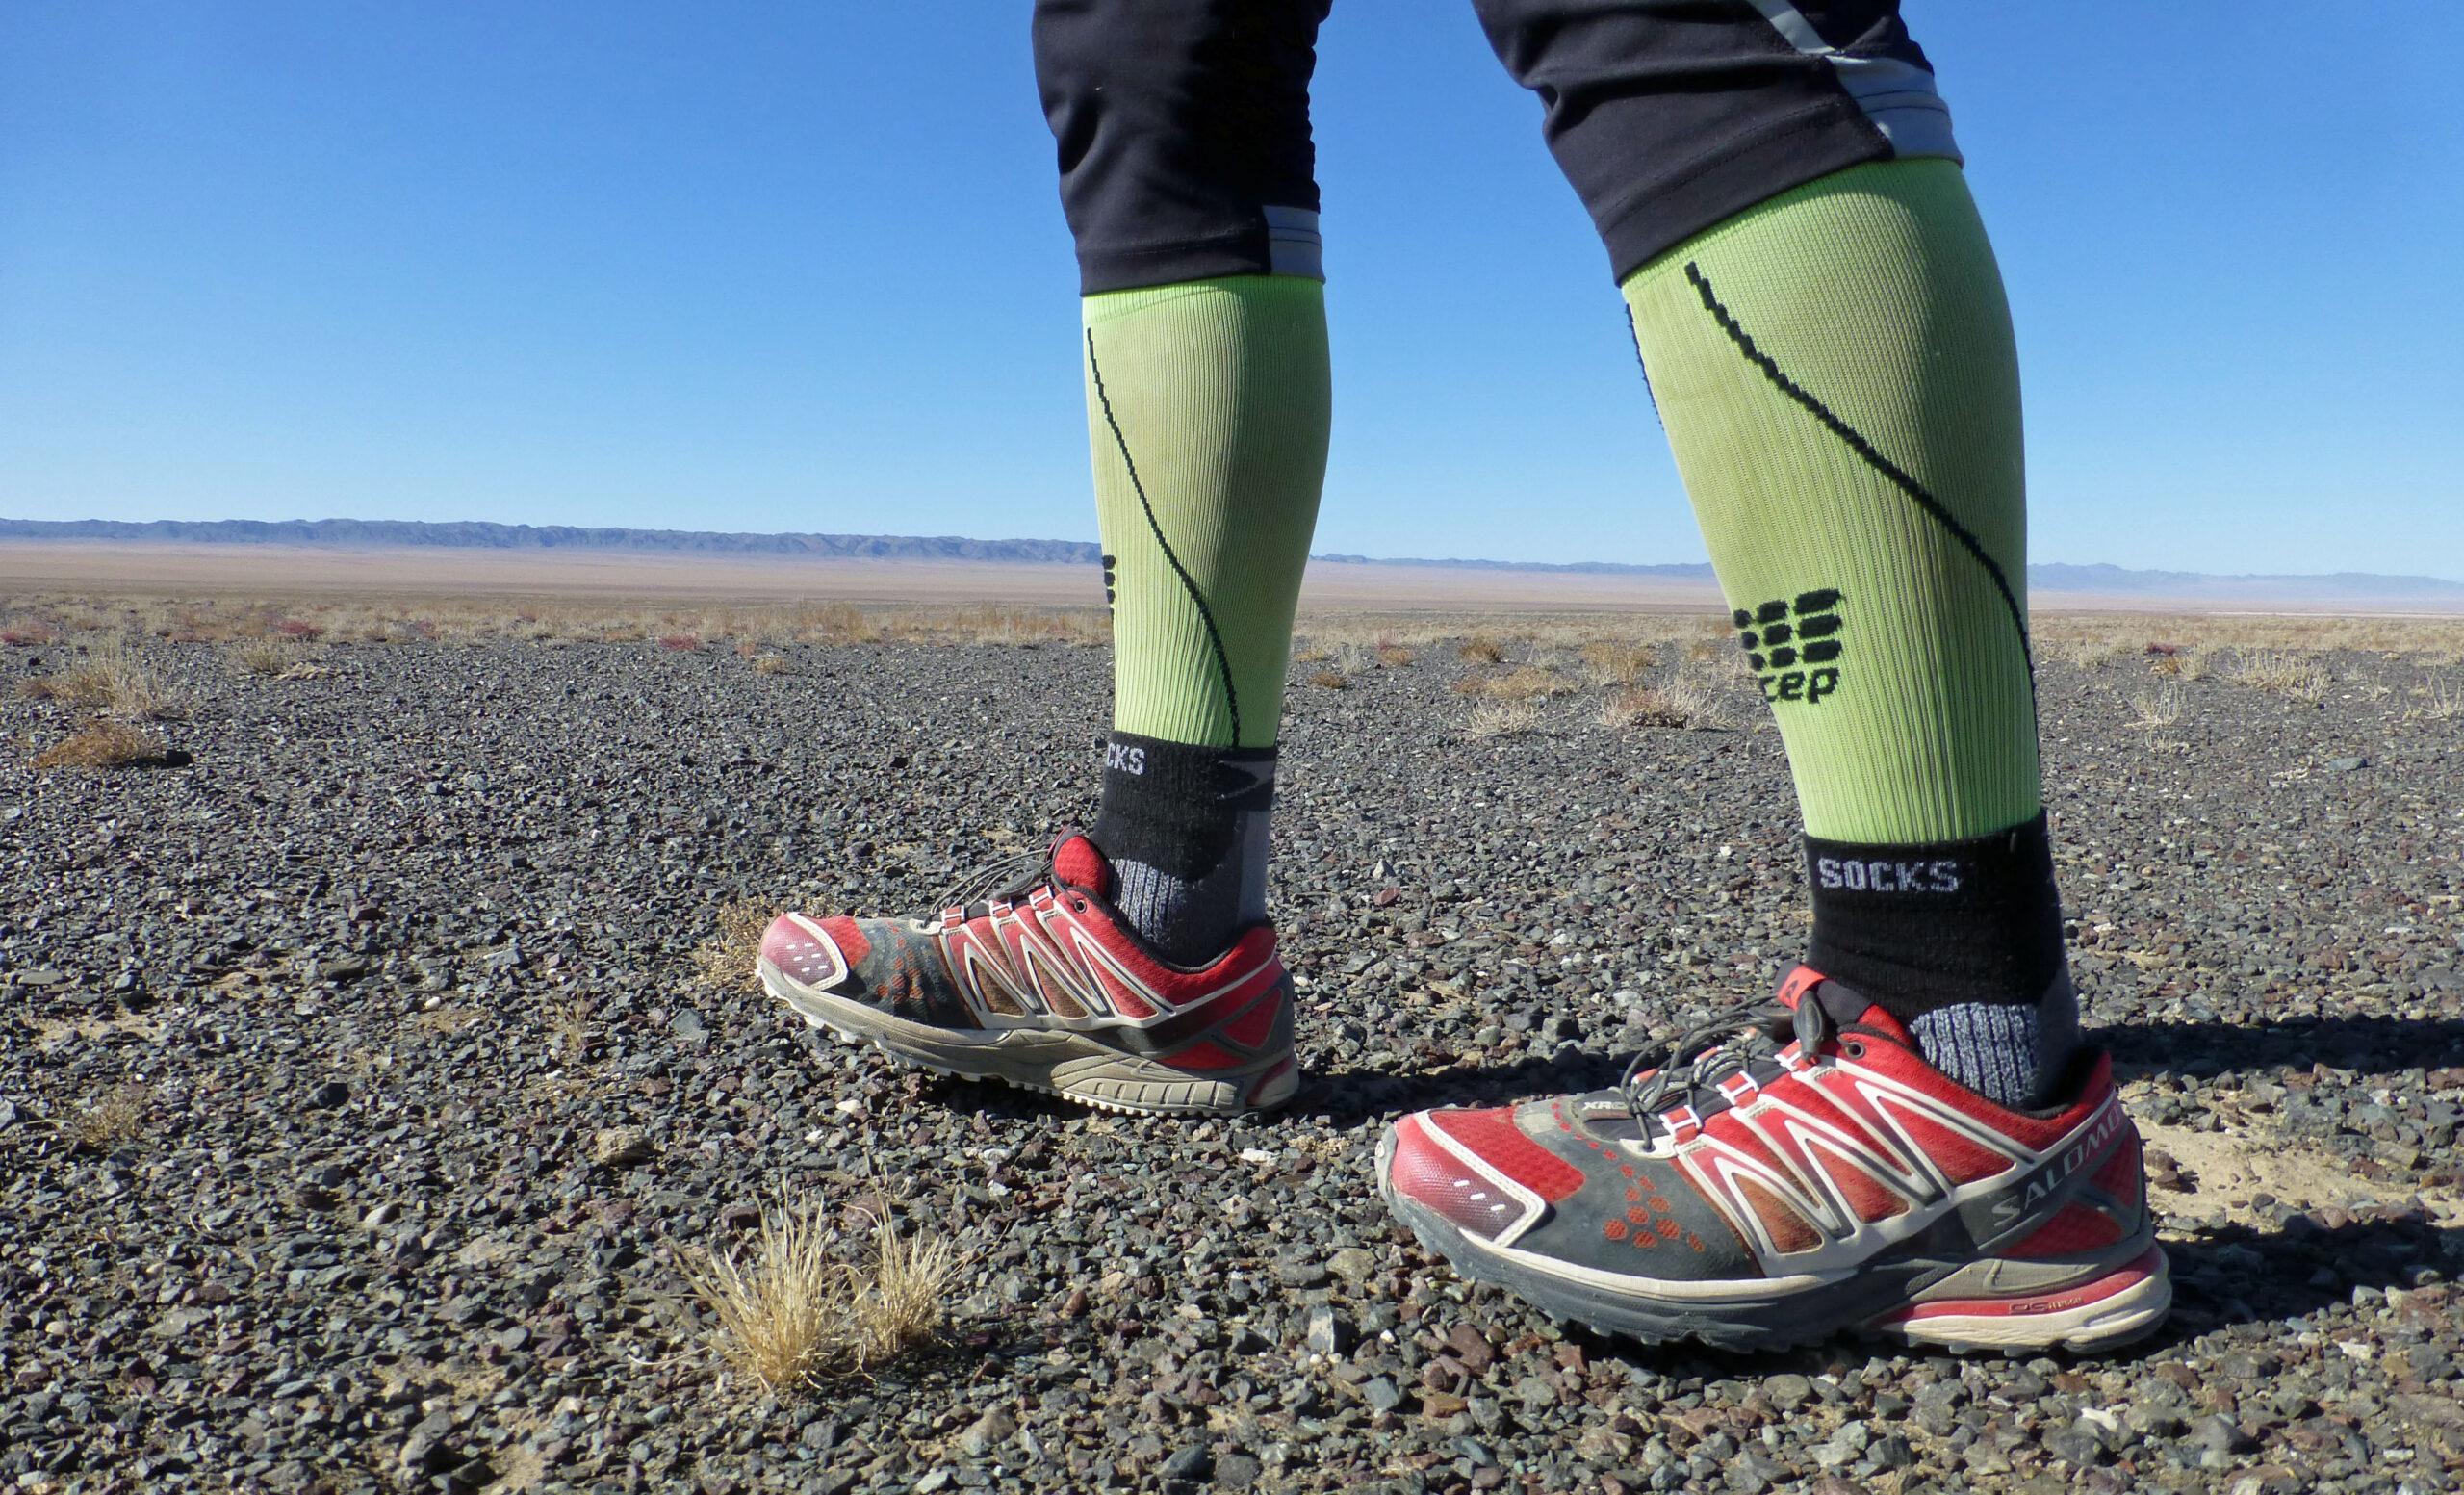 Laufschuhe in der Wüste